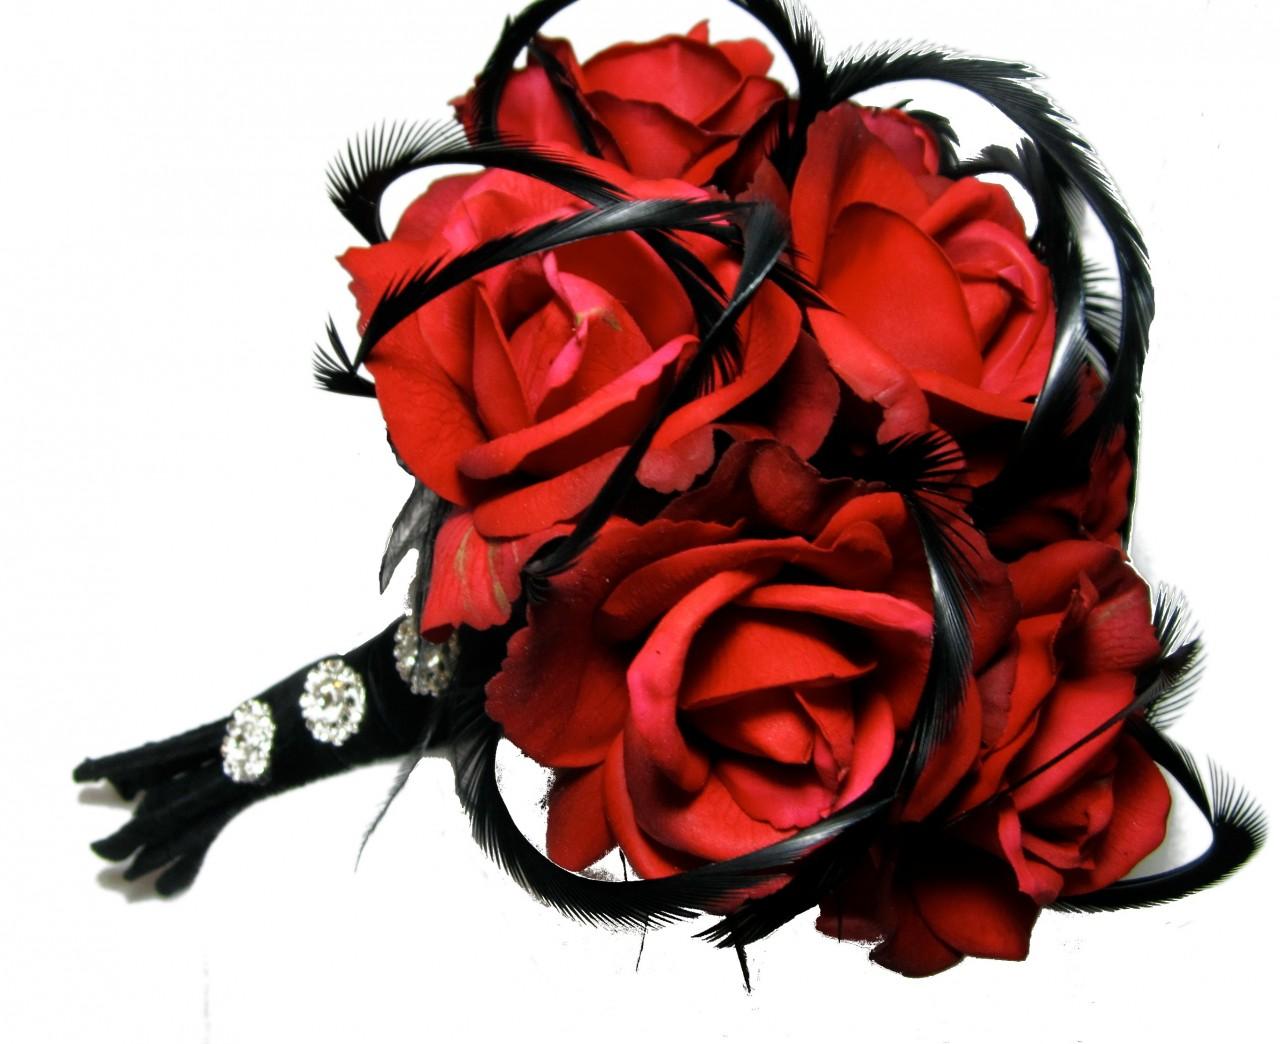 Čierne kytice inšpirácie - Obrázok č. 62